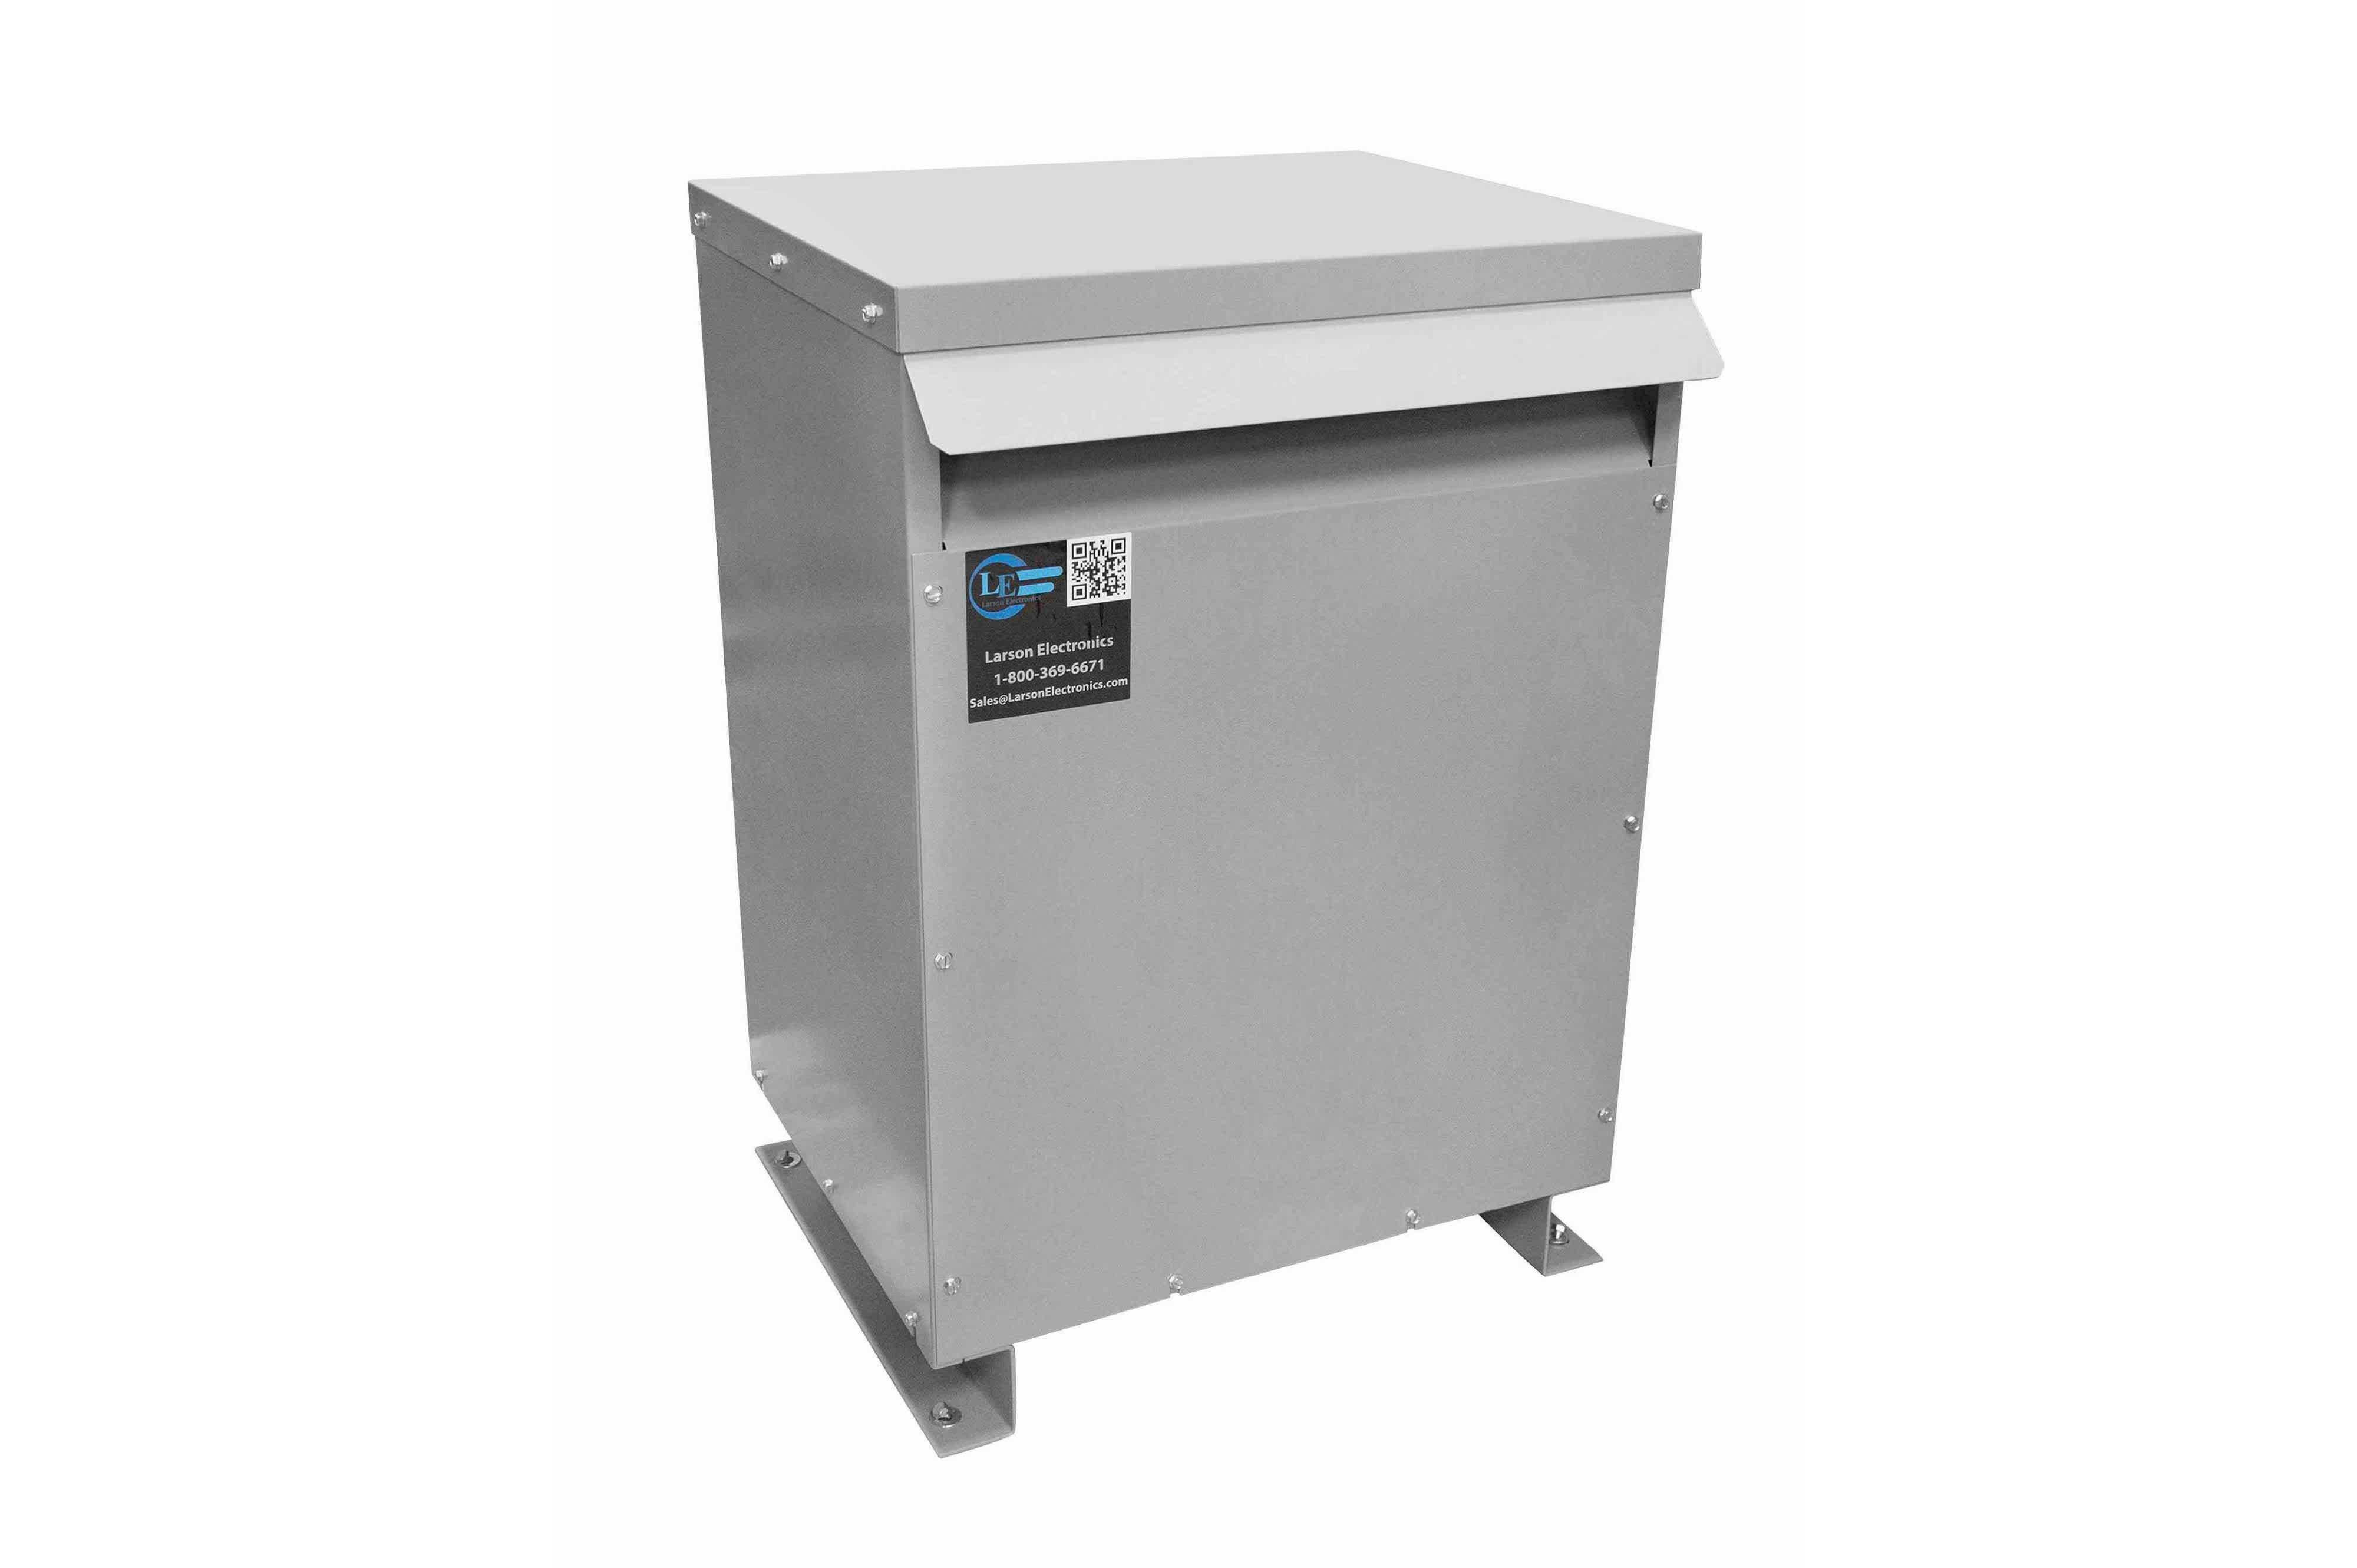 9 kVA 3PH Isolation Transformer, 240V Delta Primary, 400V Delta Secondary, N3R, Ventilated, 60 Hz